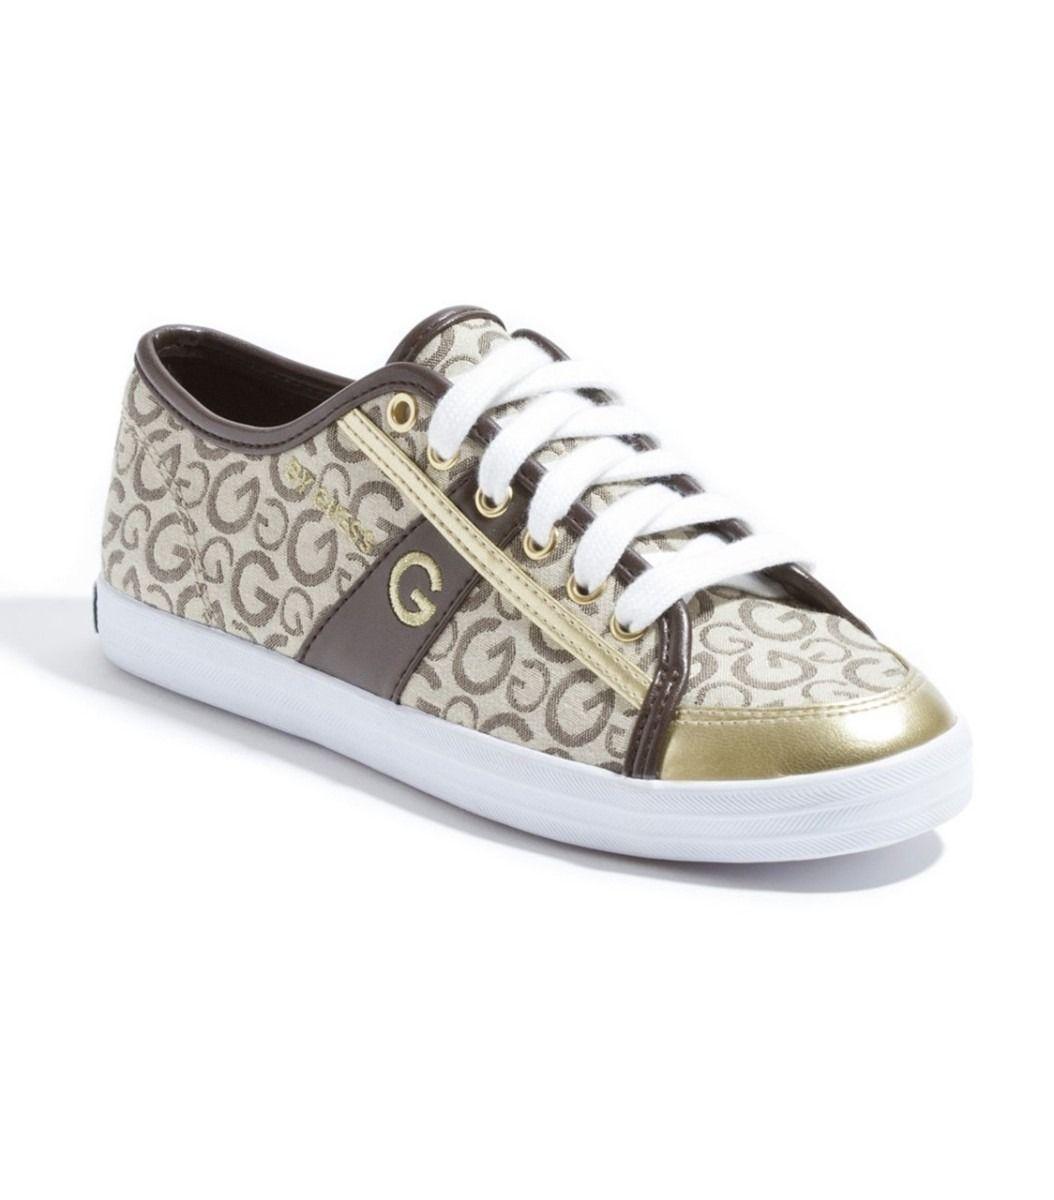 half off 35e4d 1a548 guess tennis - Buscar con Google Zapatos Guess, Relojes Guess, Modelos De  Zapatos,